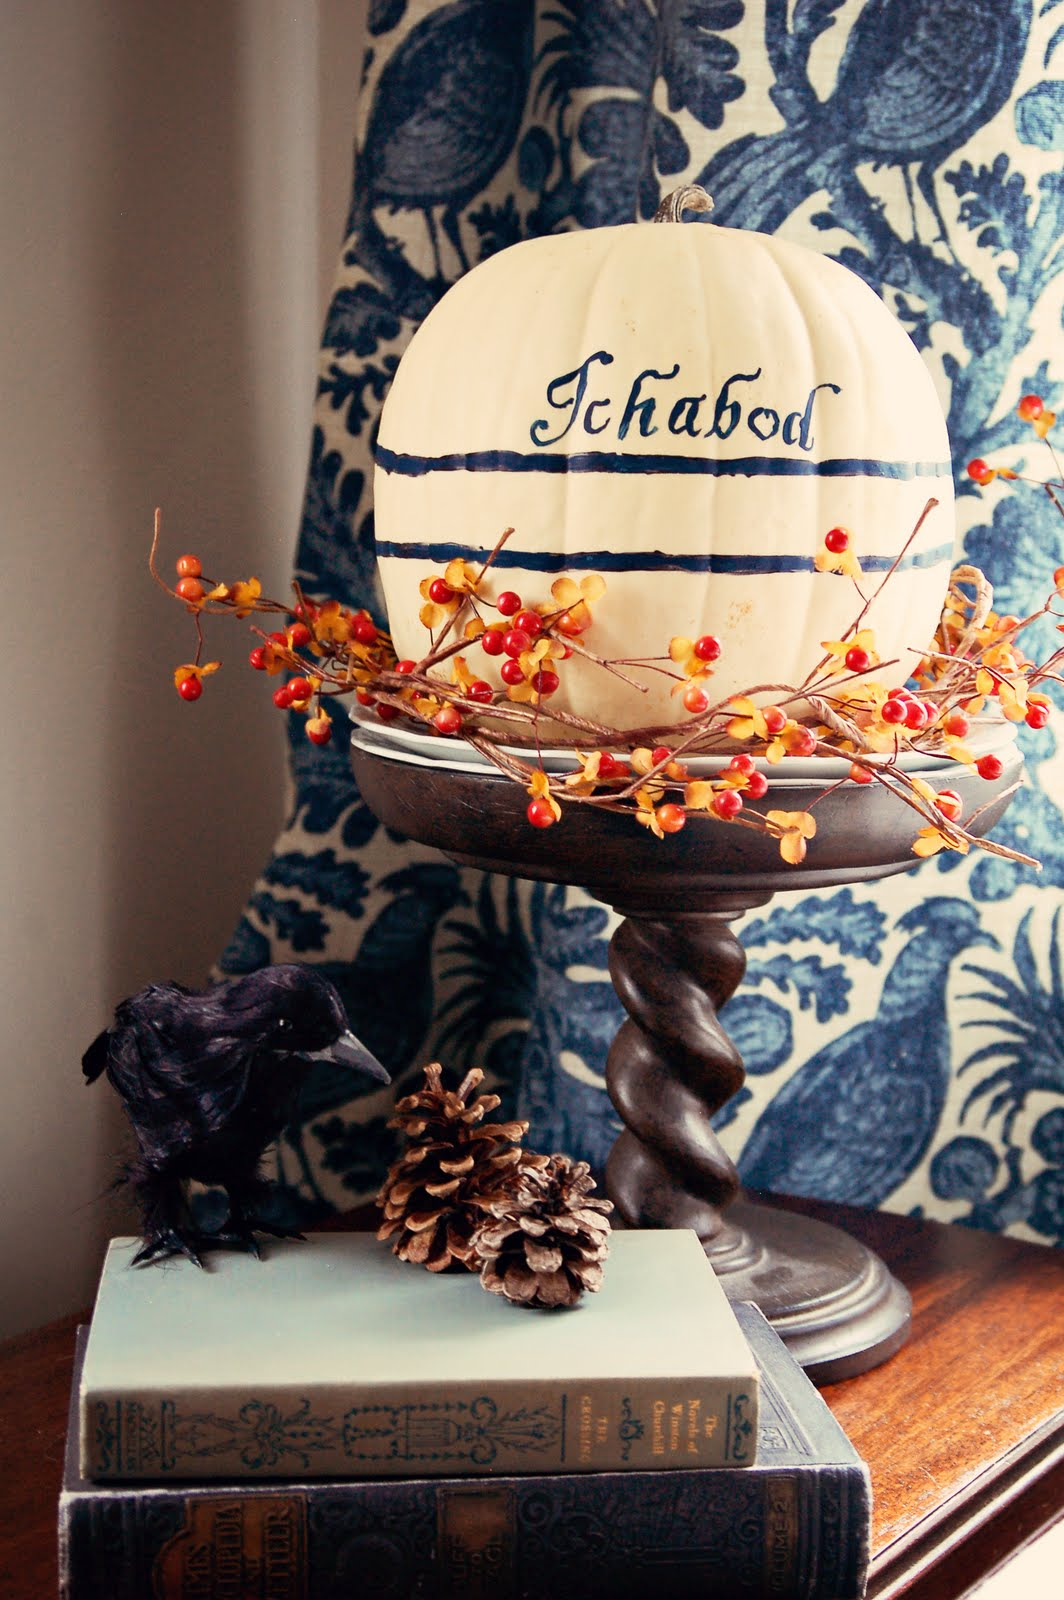 http://4.bp.blogspot.com/-qJHQZToE134/TlL90AhXzlI/AAAAAAAAJKI/qt7QjUIog0Q/s1600/Grain+Sack+Pumpkin+-+Beauty+Shot+1.jpg